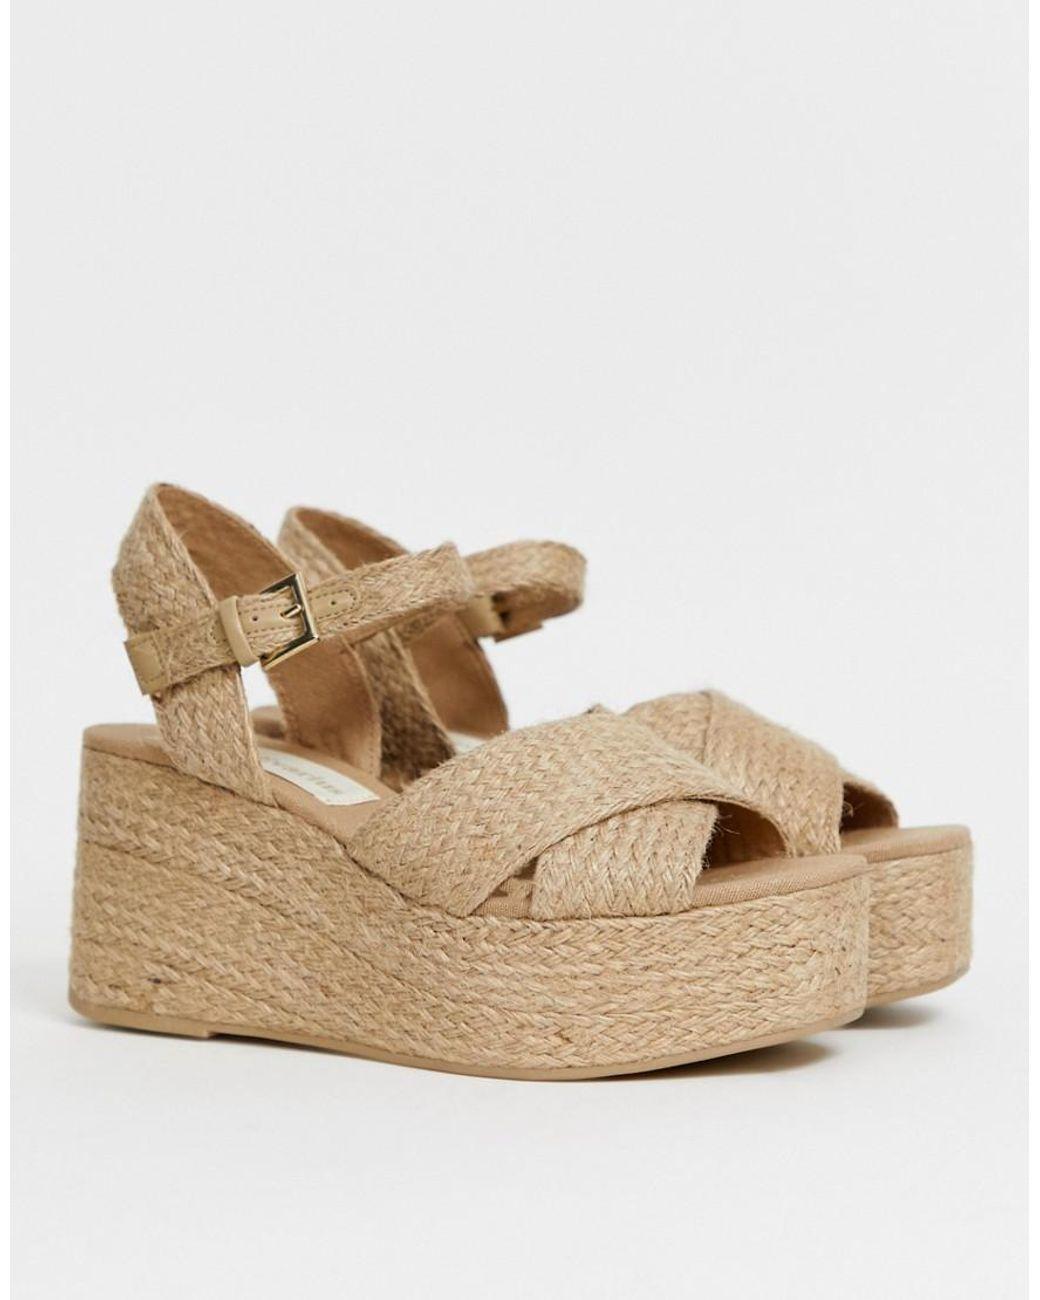 Beis Mujer Diseño Sandalias Con De Cuña Cruzado Rafia mNnvw80